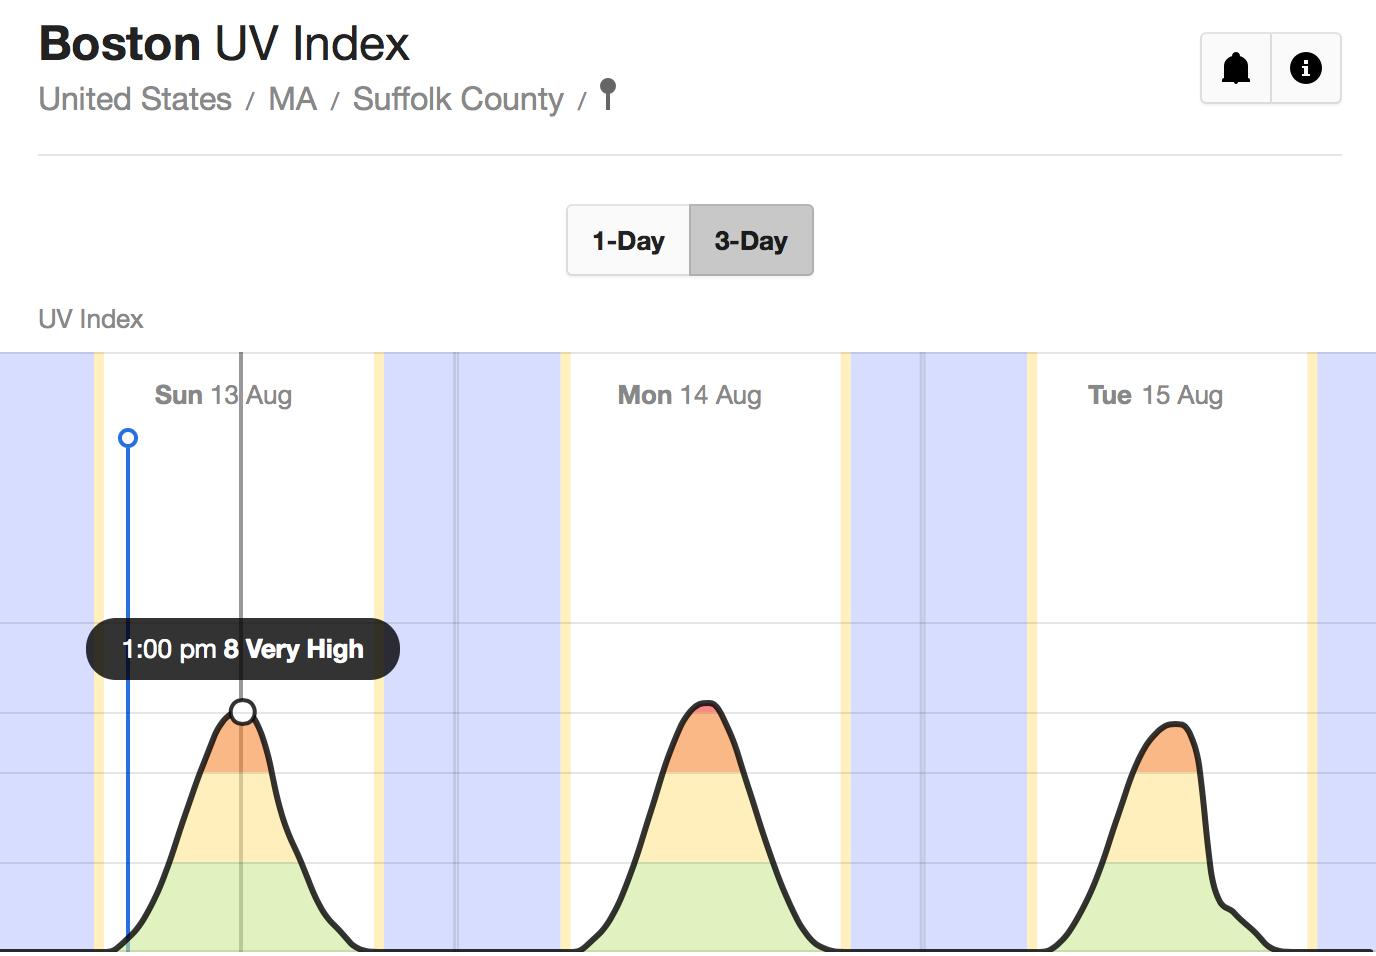 中緯度城市波士頓2017年8月13日紫外線指數